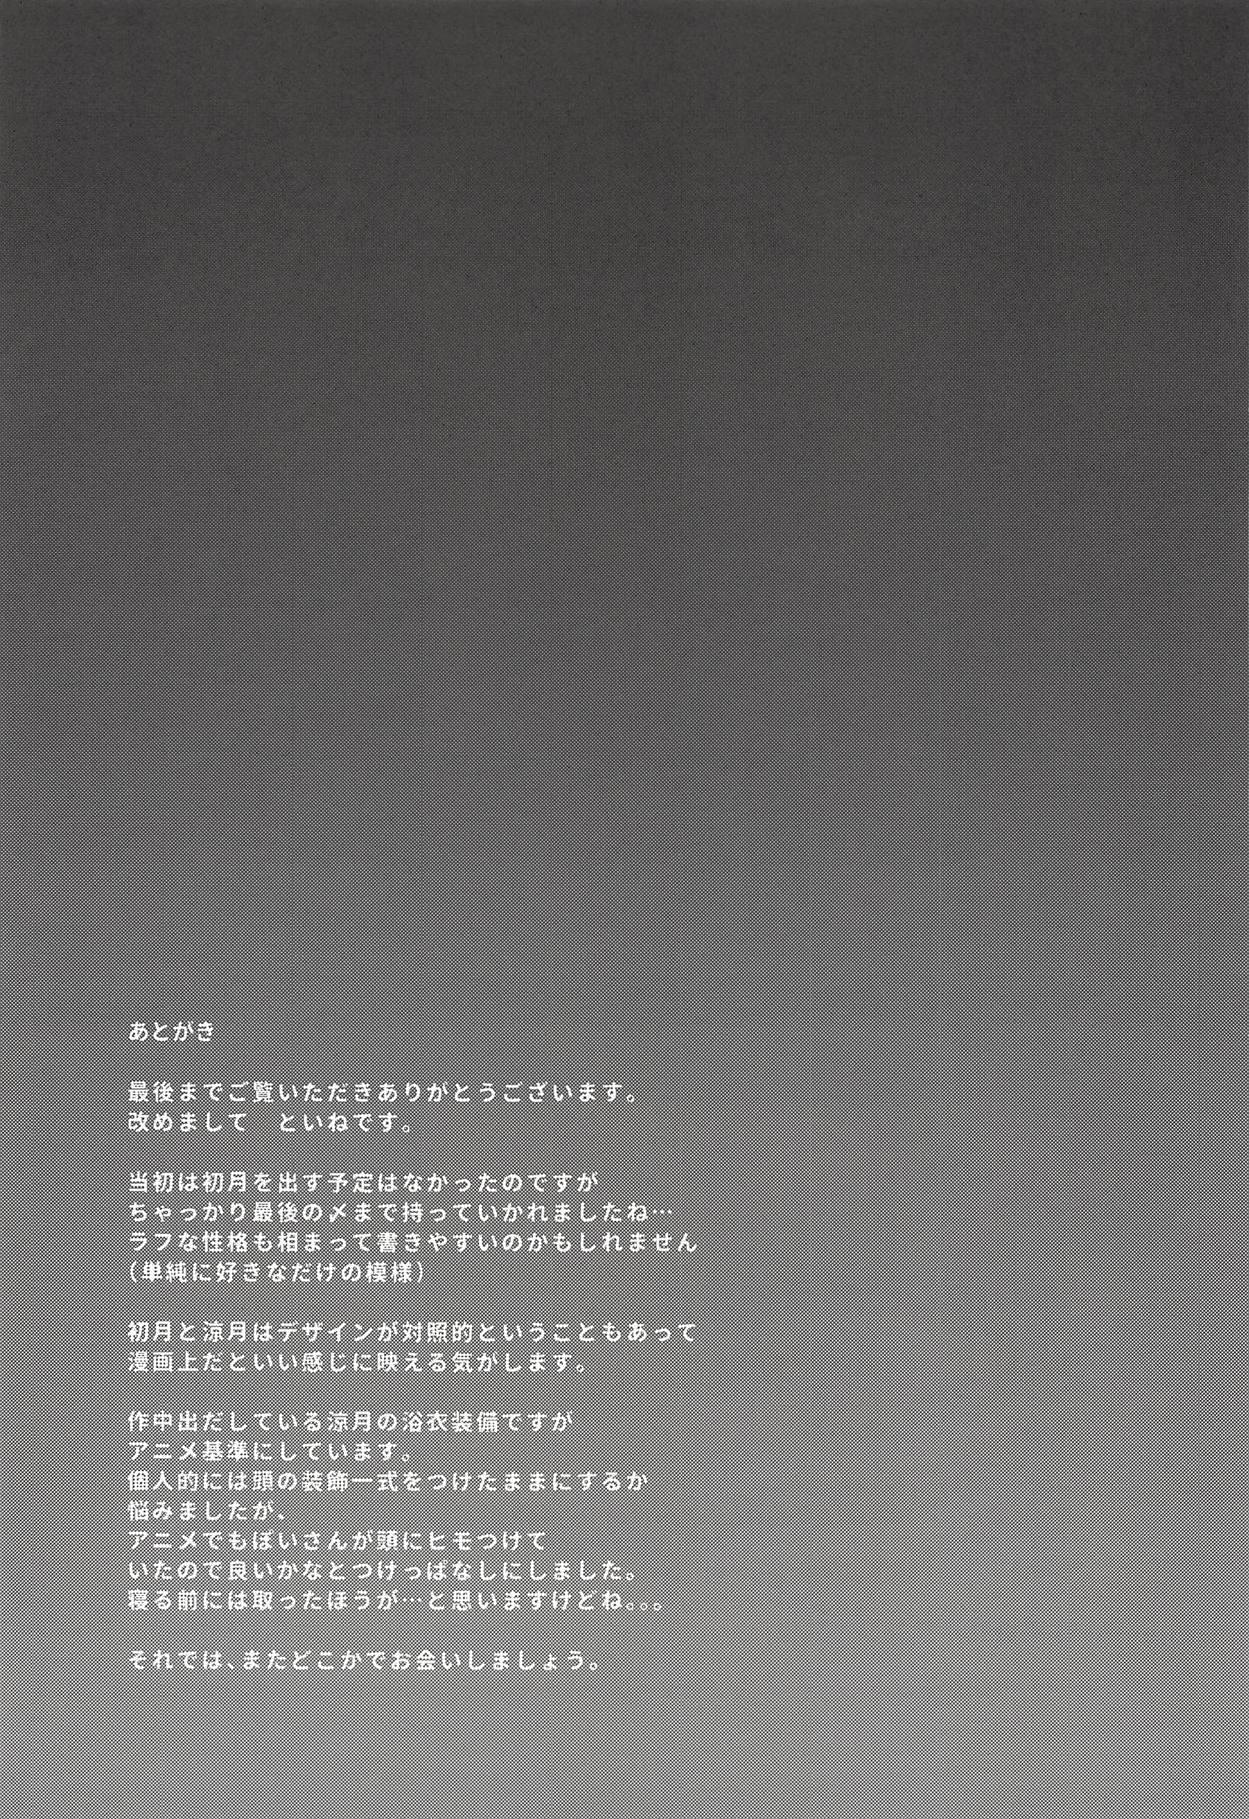 Suzutsuki no Itsukakan Hansei Houshi 19